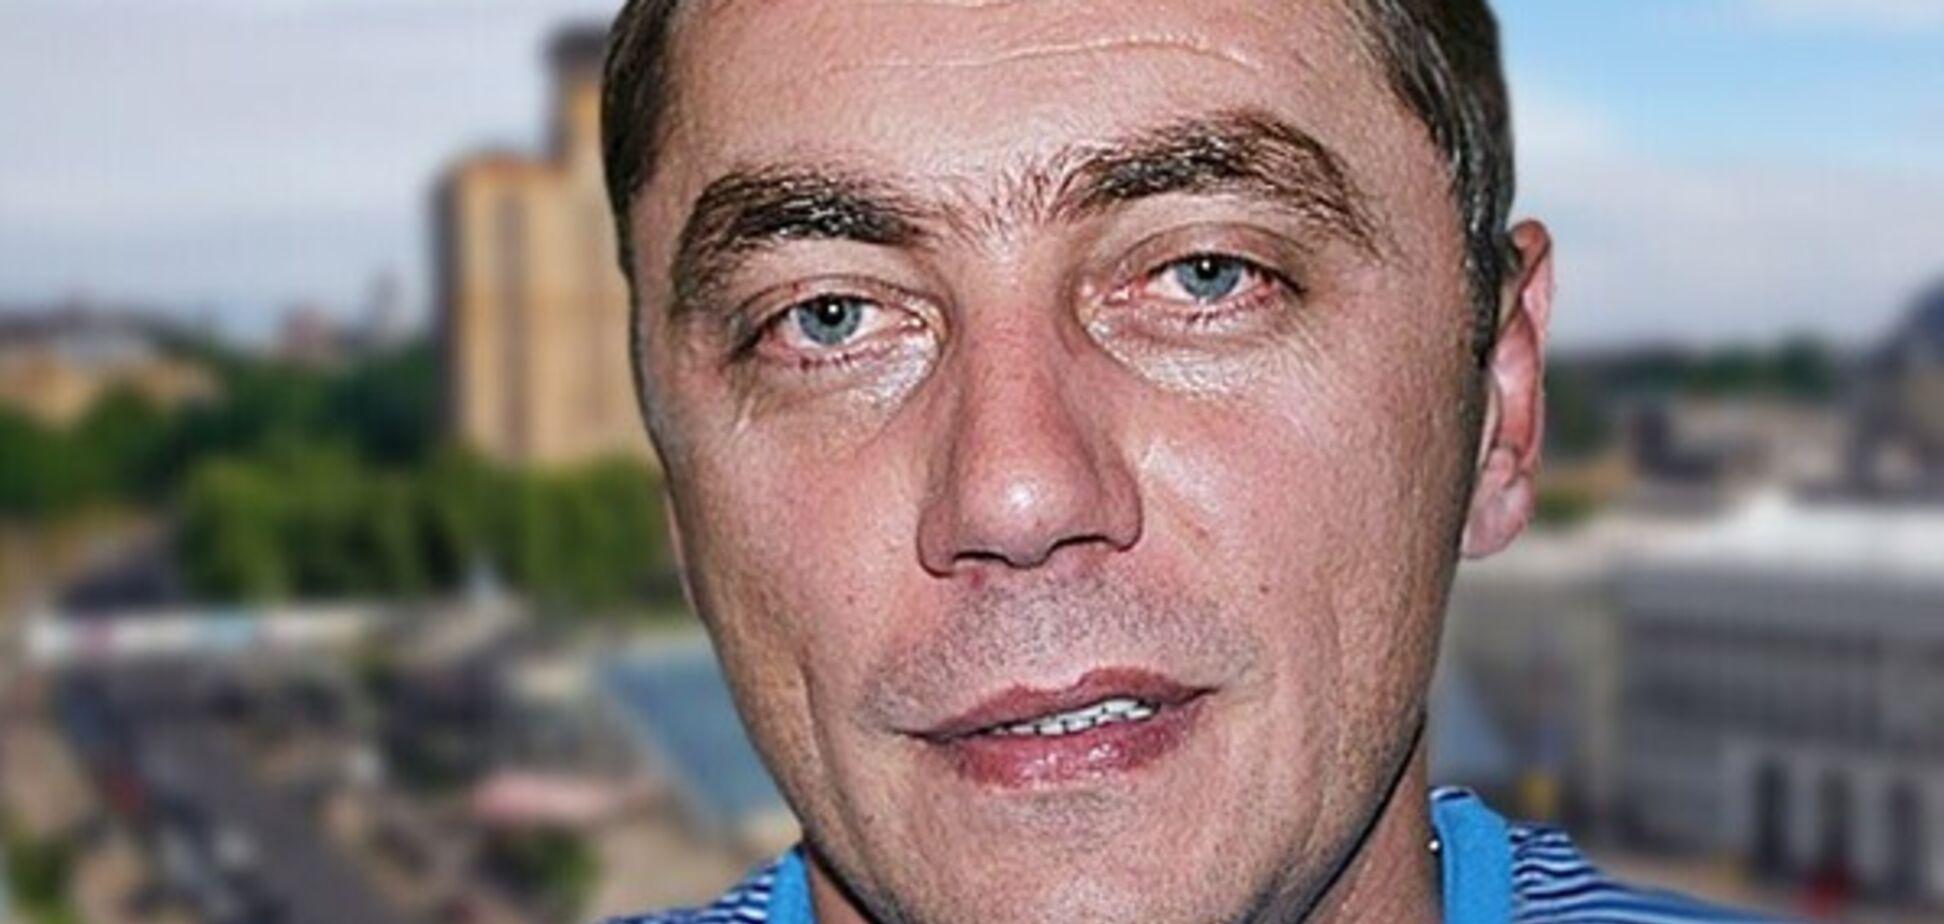 'Зламали щелепу та ніс': стало відомо, за що в Києві розкоронували злодія в законі